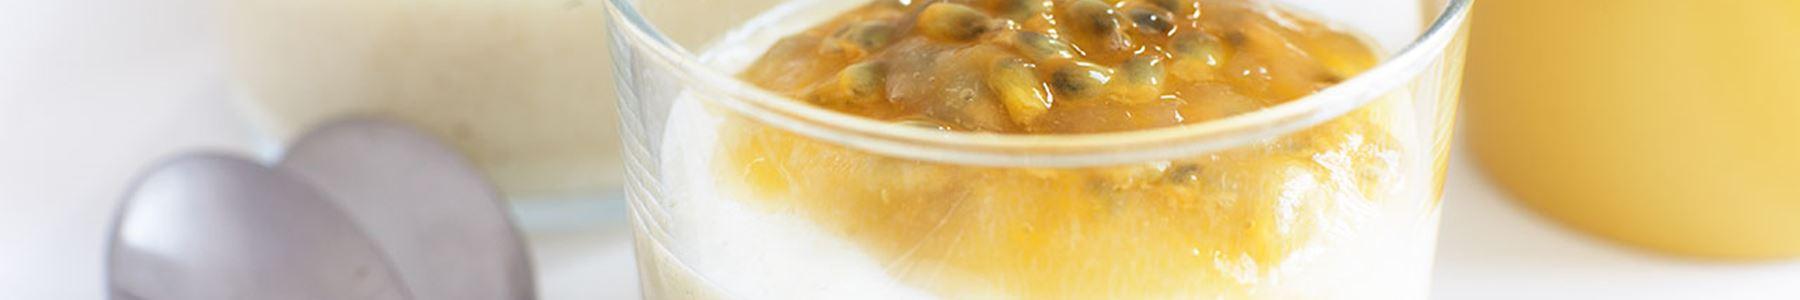 Apelsin + Mannagryn + Efterrätt + Mellanmål